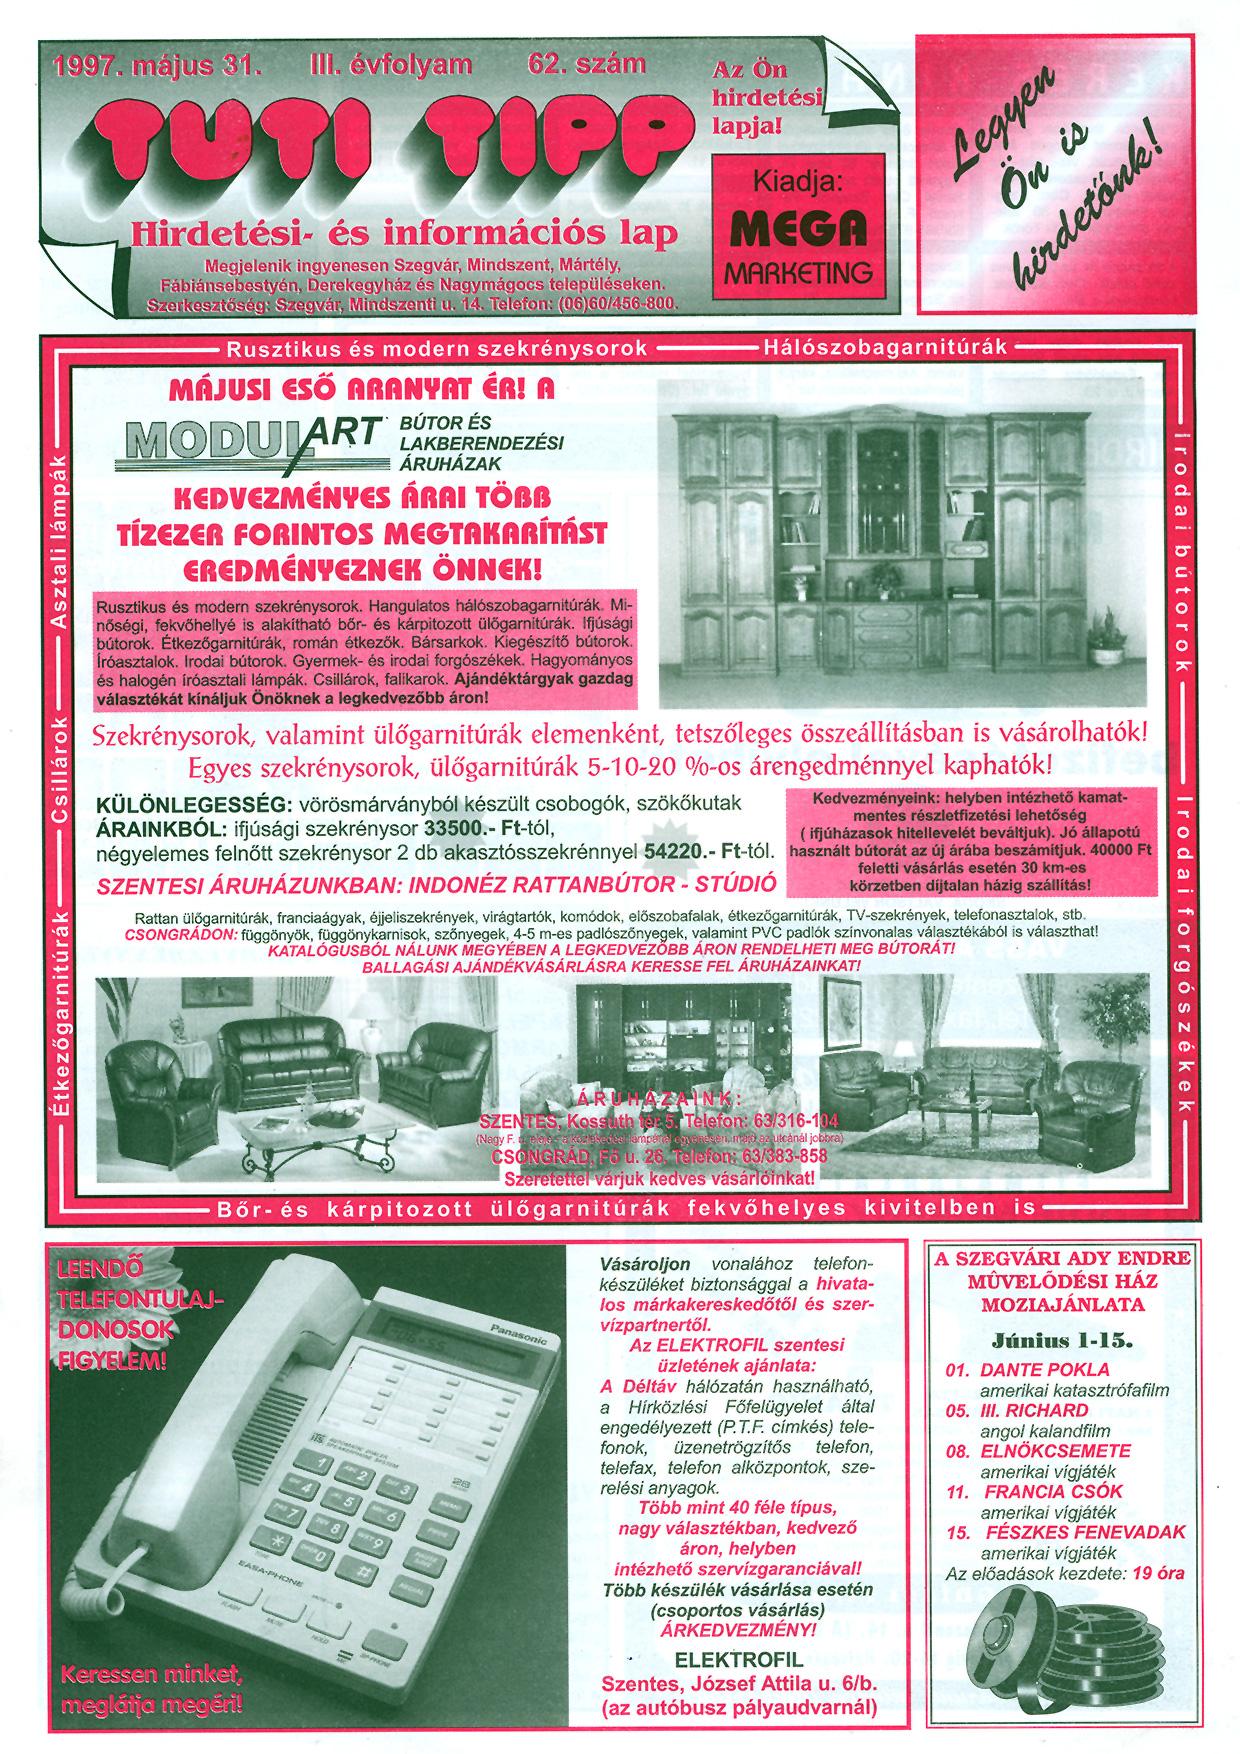 017 Tuti Tipp reklámújság - 19970531-062. lapszám - 1.oldal - III. évfolyam.jpg